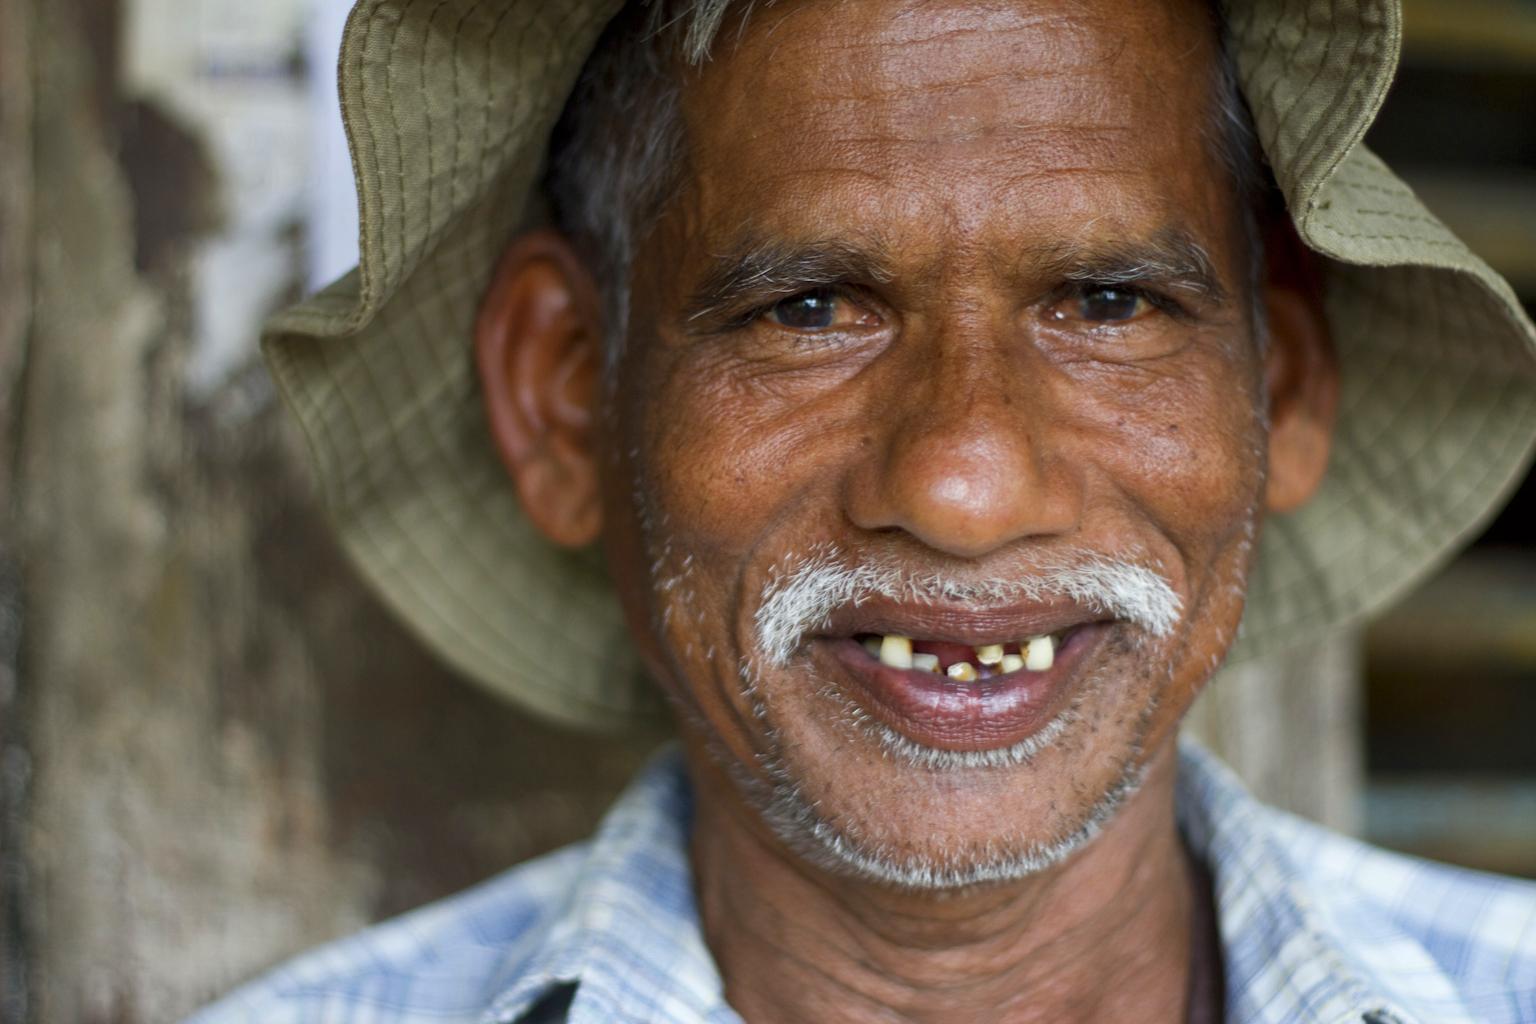 Смешные картинки человек без зубов, смешных картинках прикольные